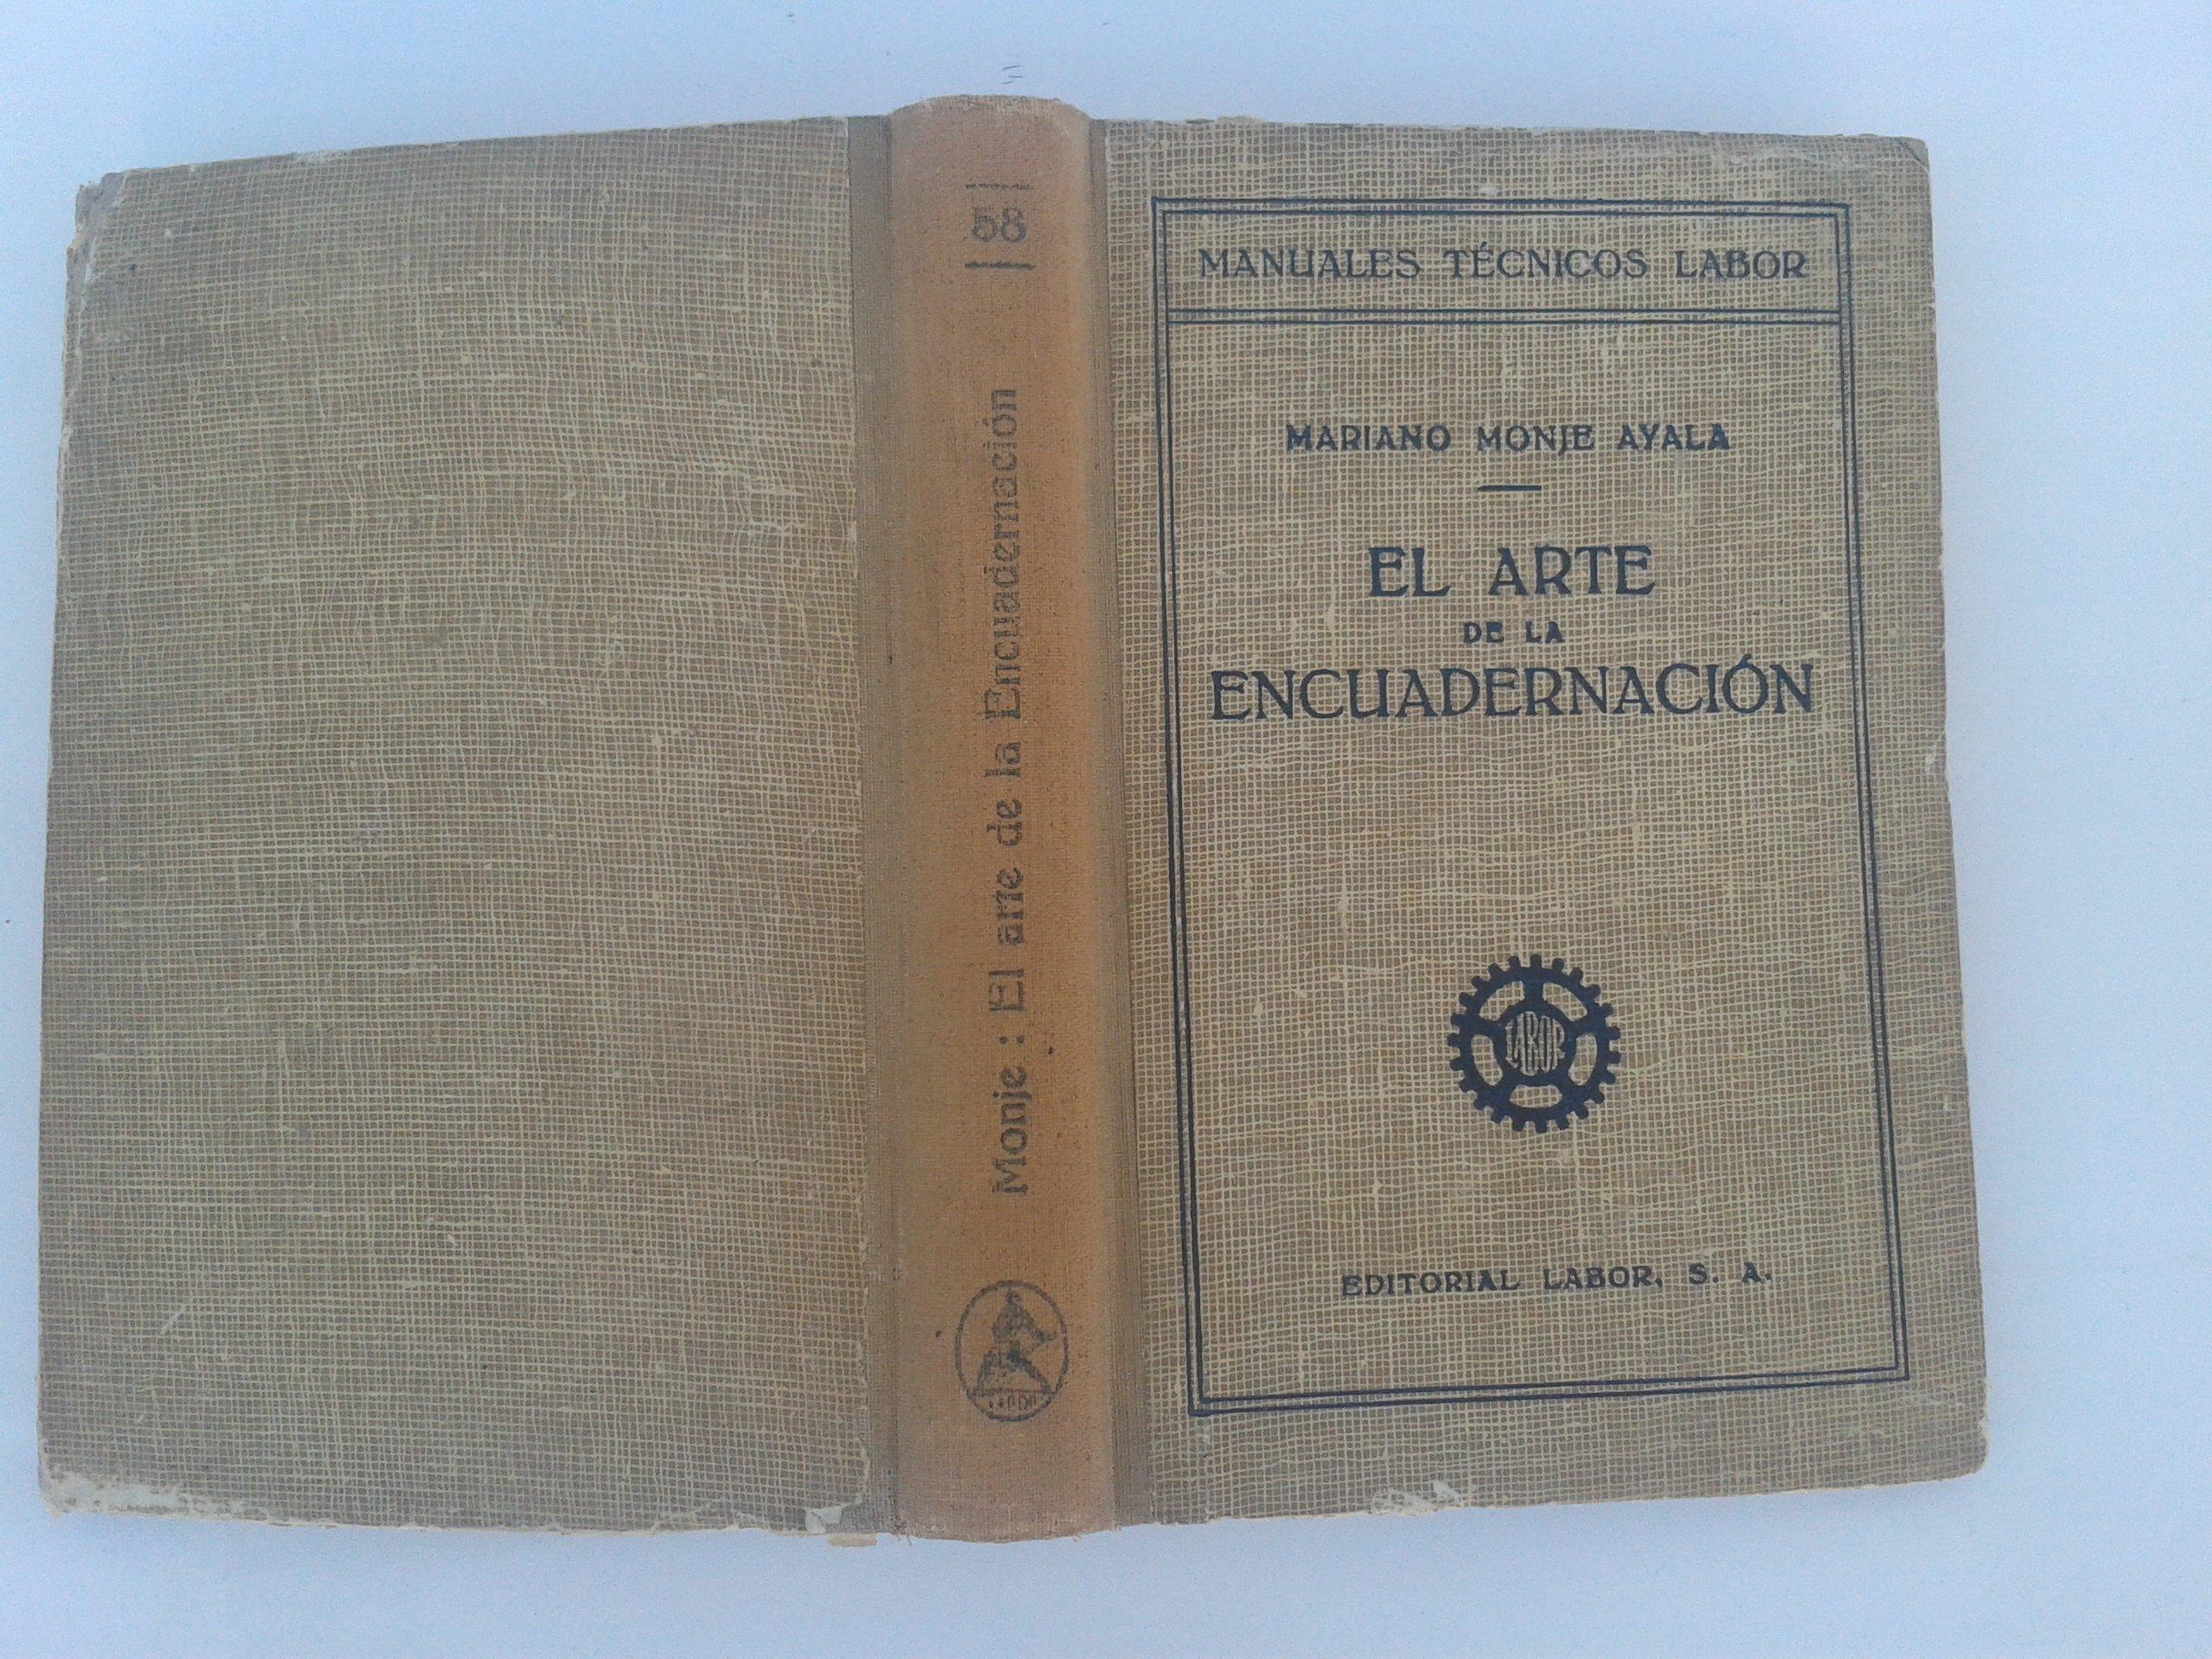 El arte de la encuadernación: Mariano Monje Ayala: Amazon ...